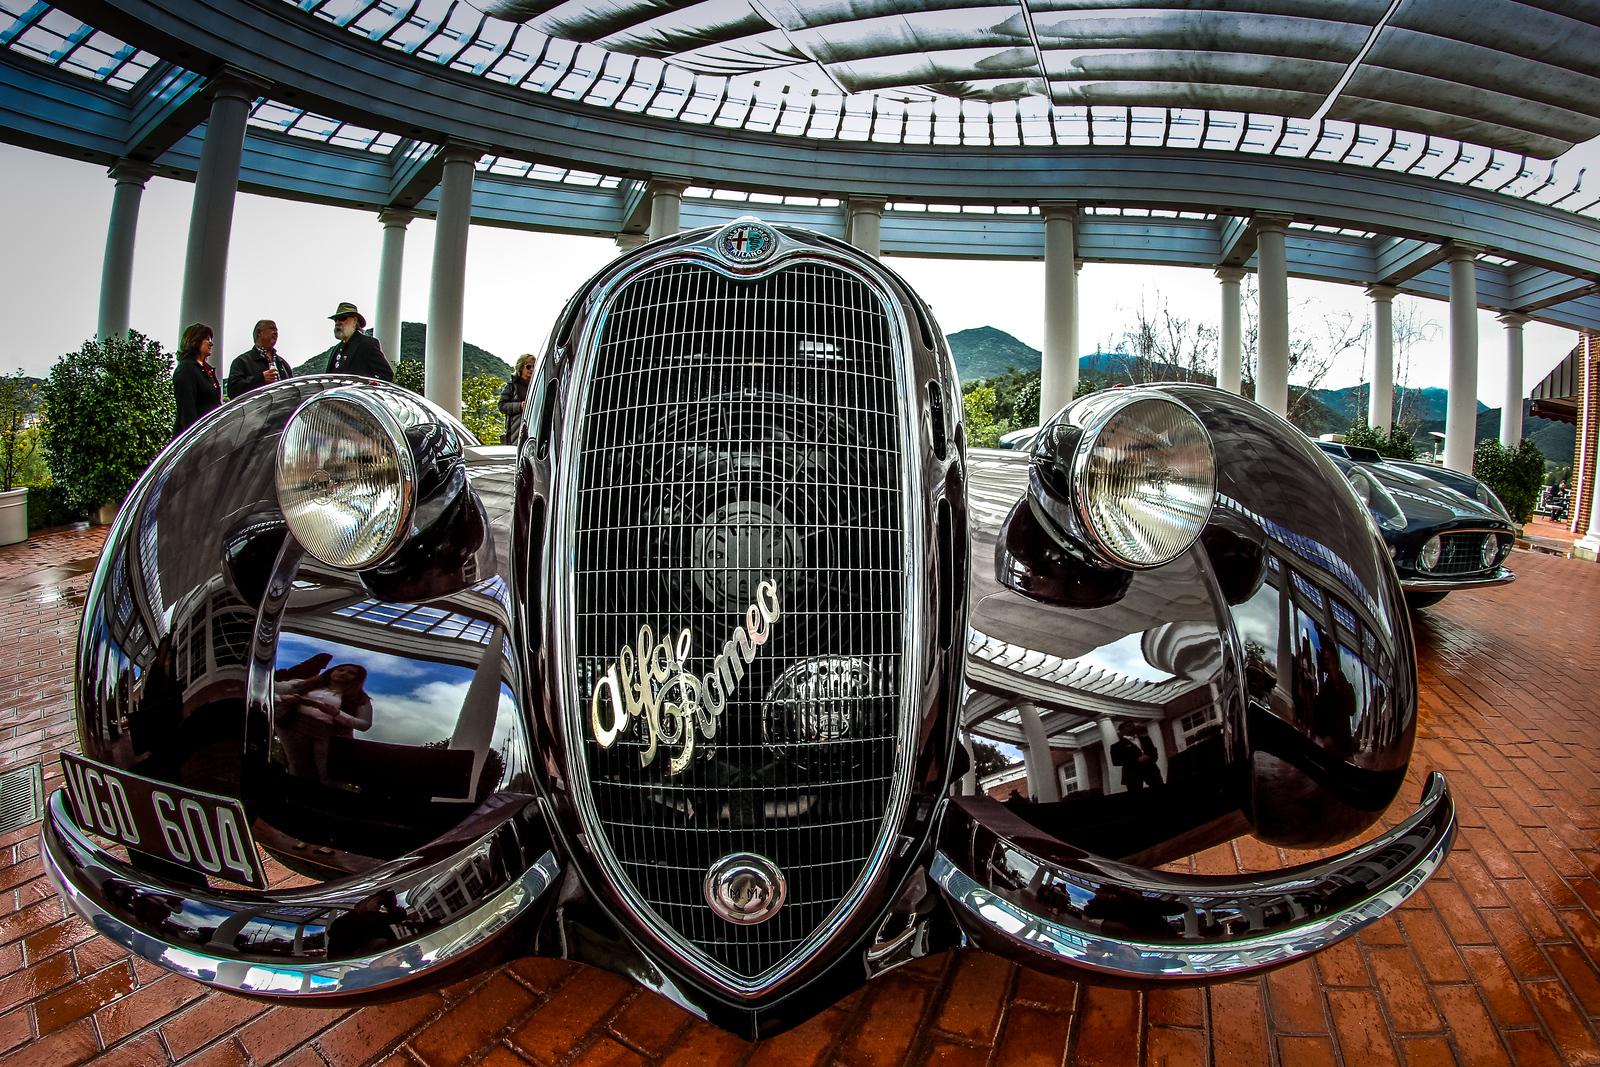 IMAGE: https://photos.smugmug.com/Events-Automotive/Révolution-de-LAutomobile-2017/i-W2G4BWN/0/2be2fdbe/X3/IMG_4035-X3.jpg